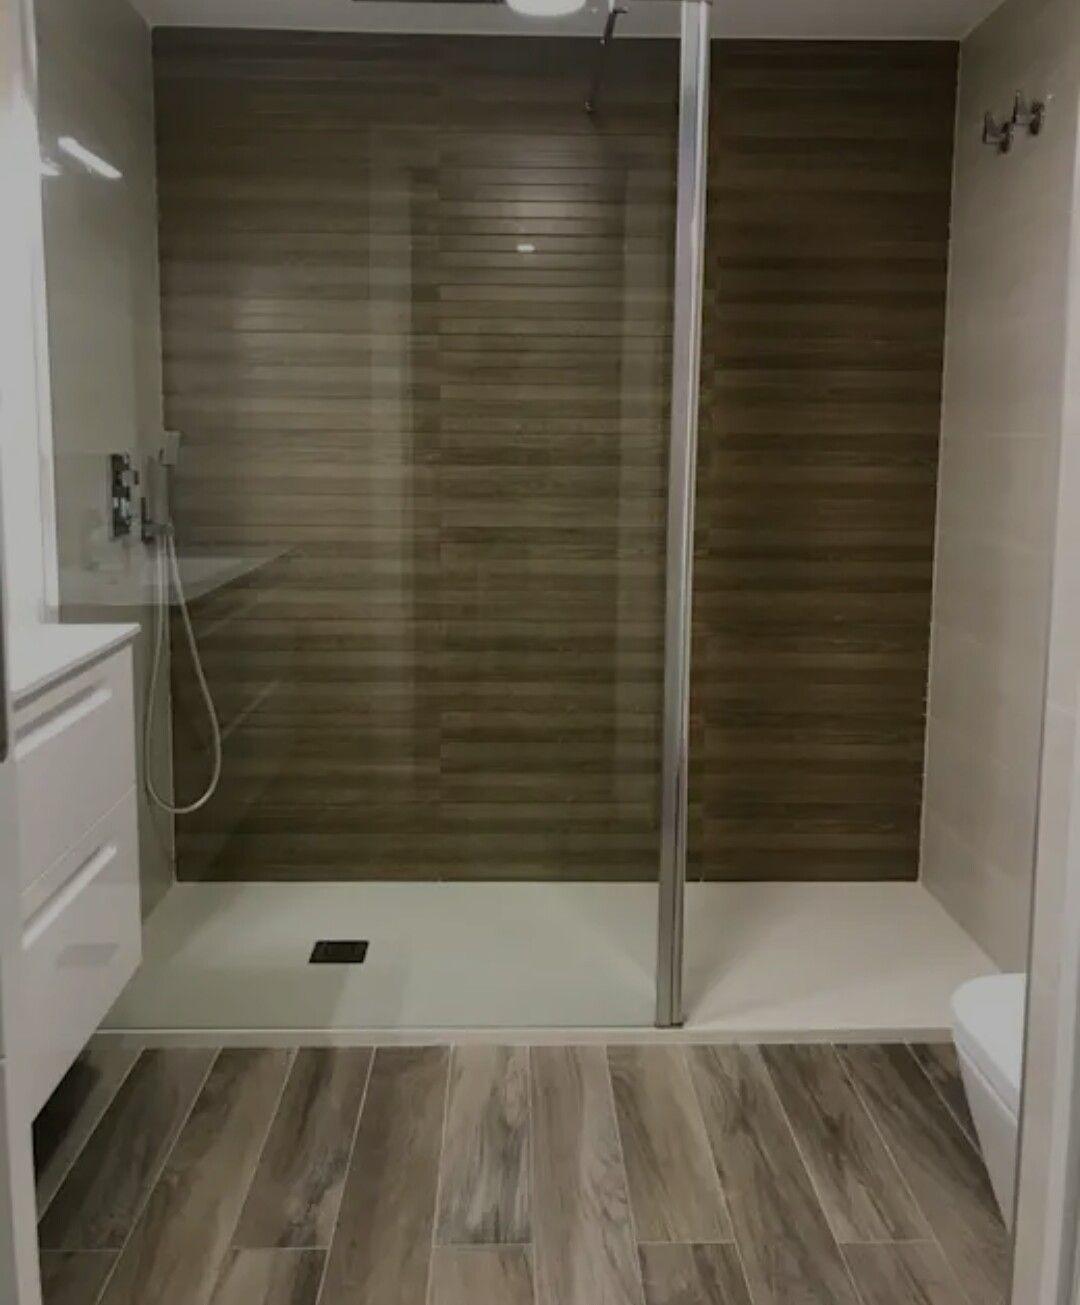 Pin de Sarah Pence en For the Home | Baños, Cuarto de baño ...